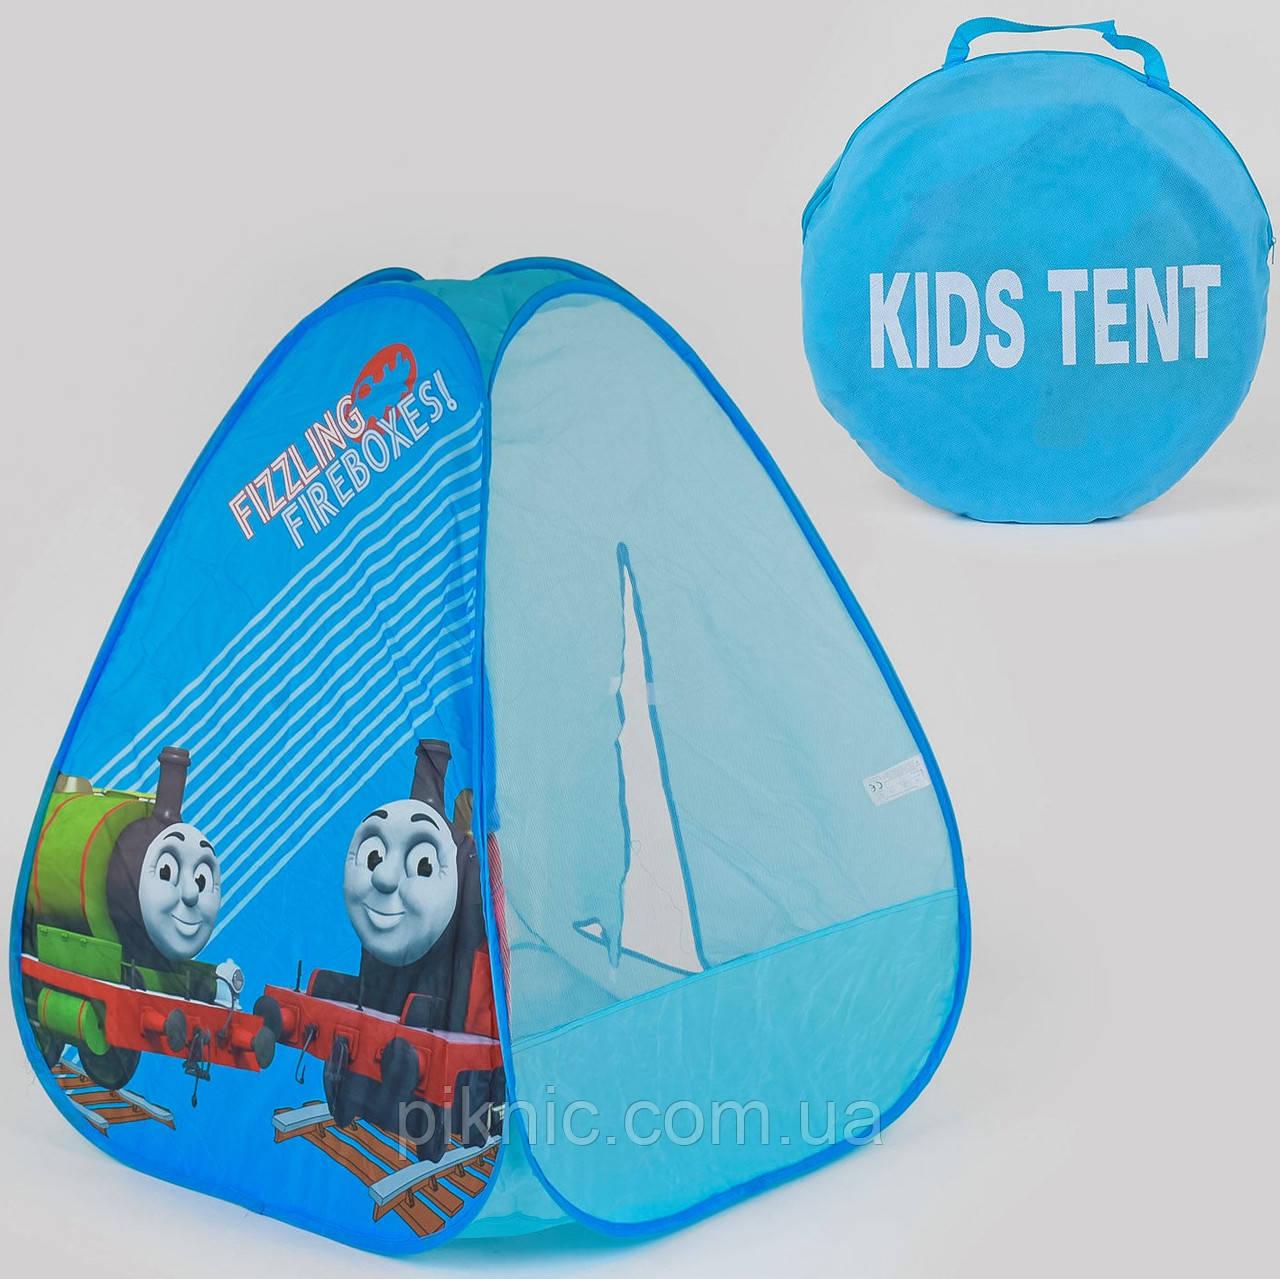 Палатка Паровозик Томас для детей 77х77х93 см. Детская игровая палатка для дома и улицы